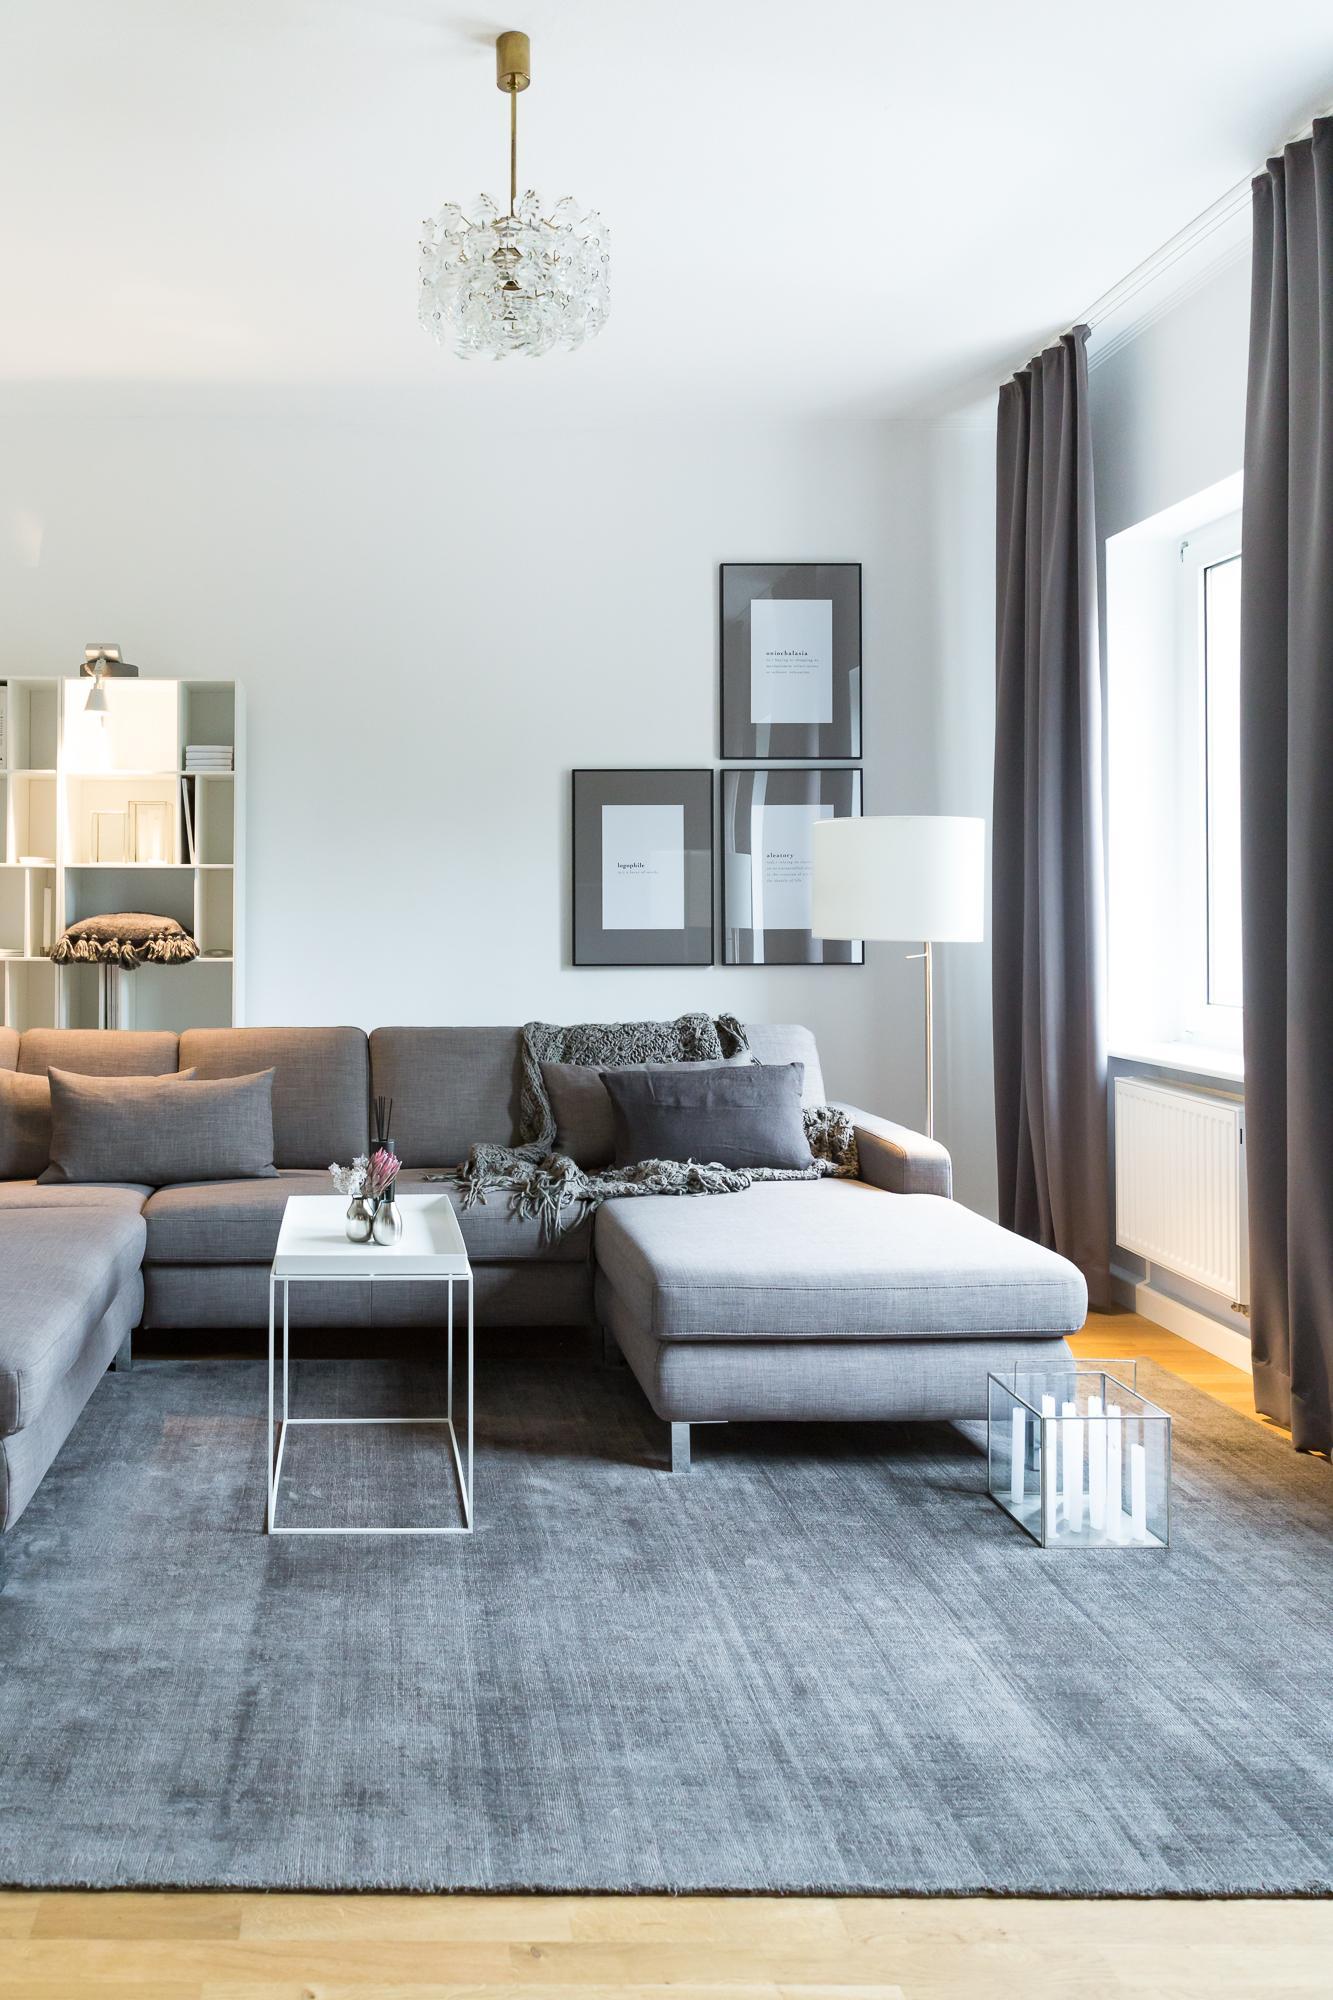 Wanddeko bilder ideen couchstyle for 7 1 wohnzimmer